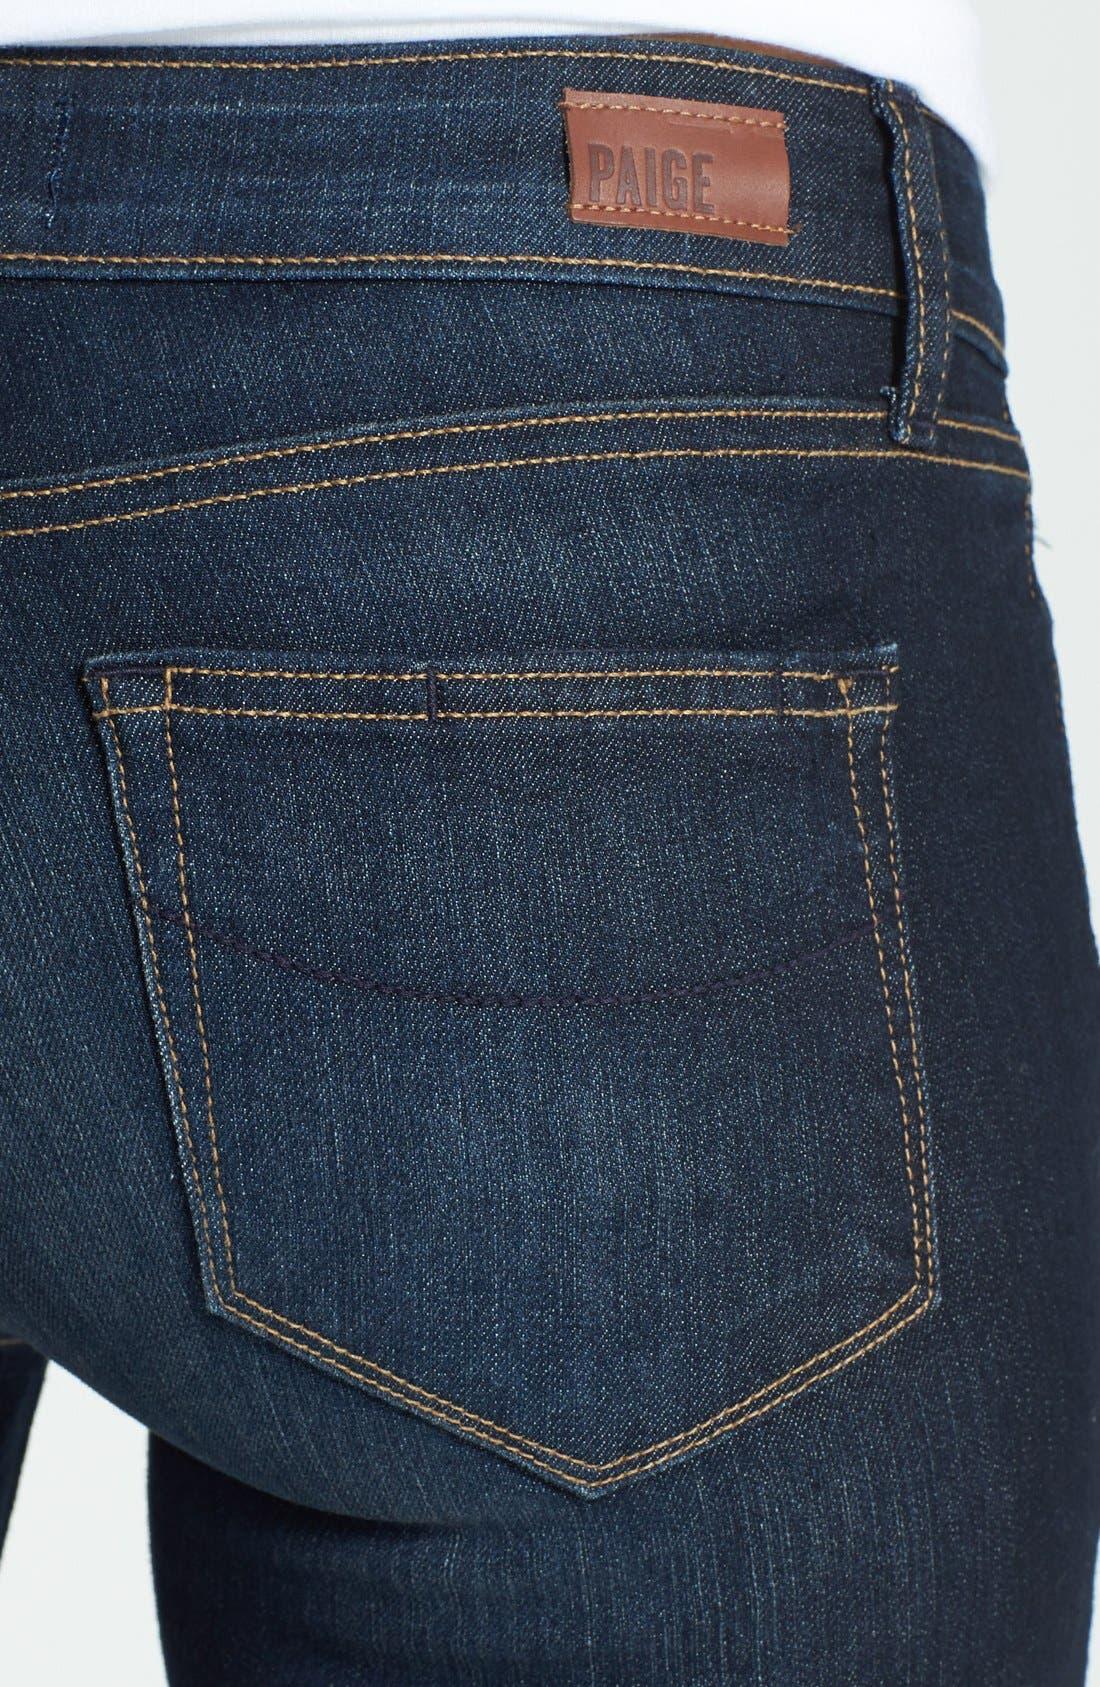 Alternate Image 3  - Paige Denim 'Skyline' Bootcut Jeans (Moonrise)